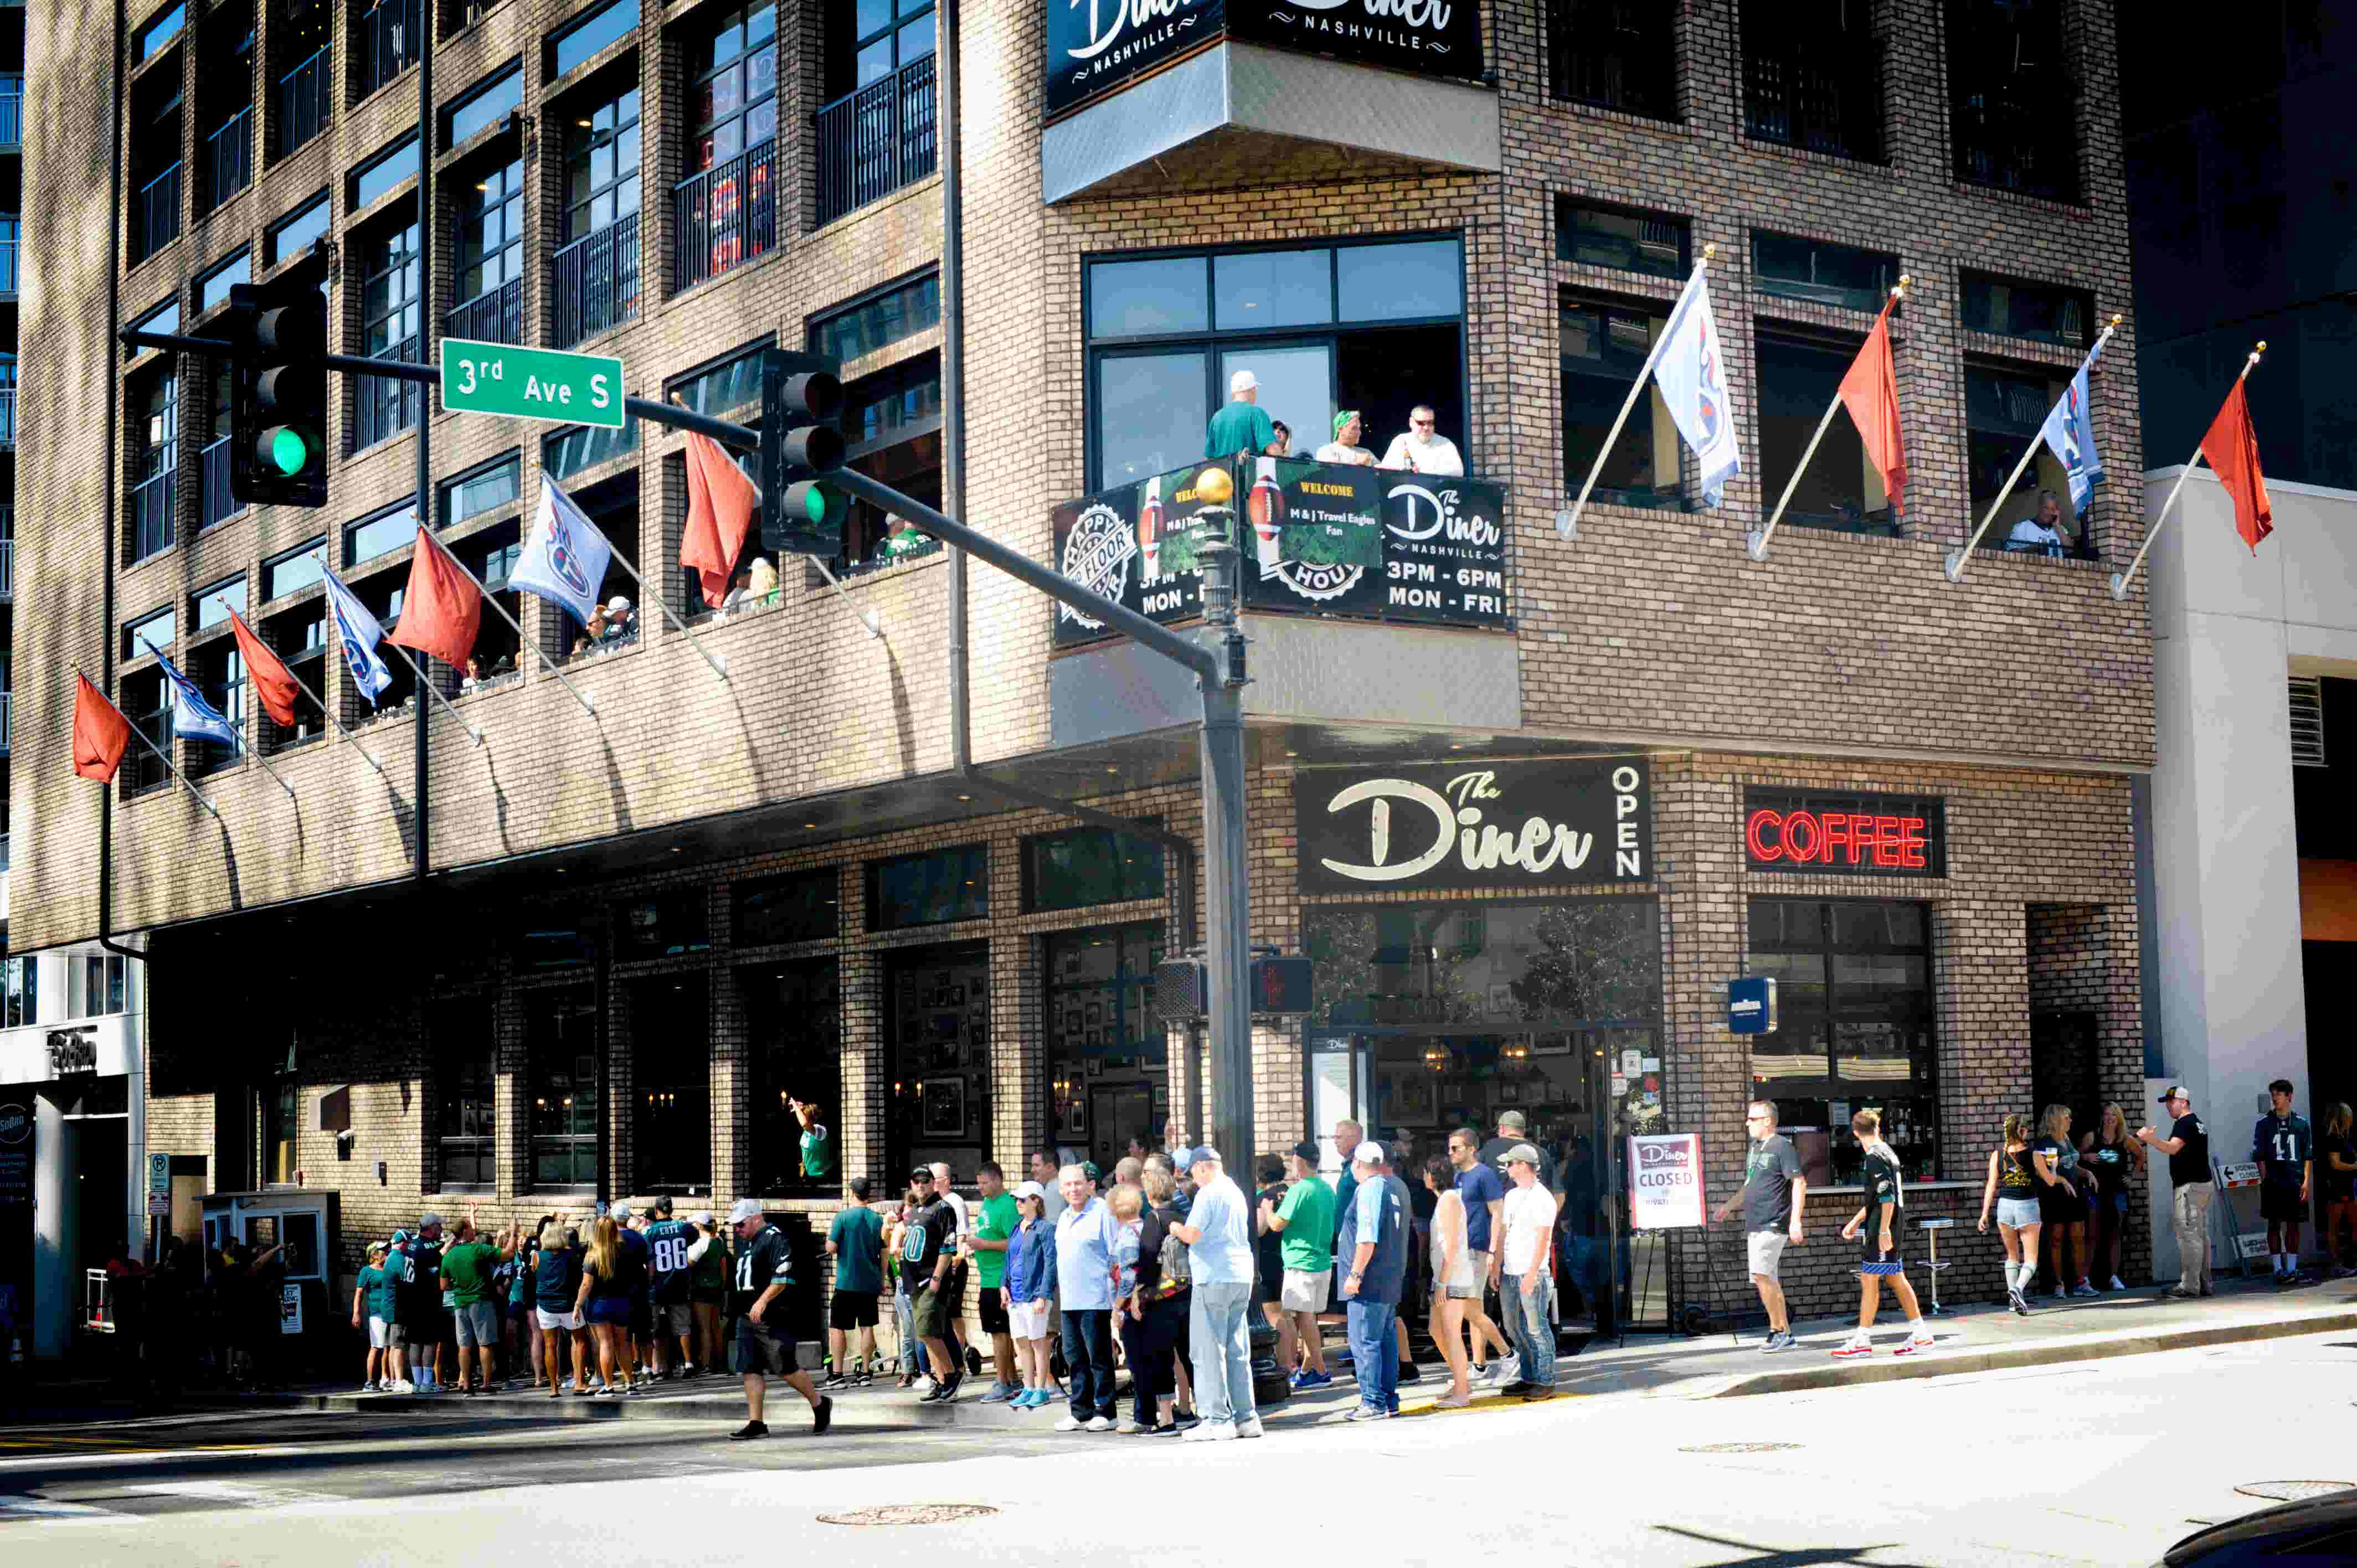 Nashville Bars Restaurants Offer Enticing Specials During Super Bowl 2019